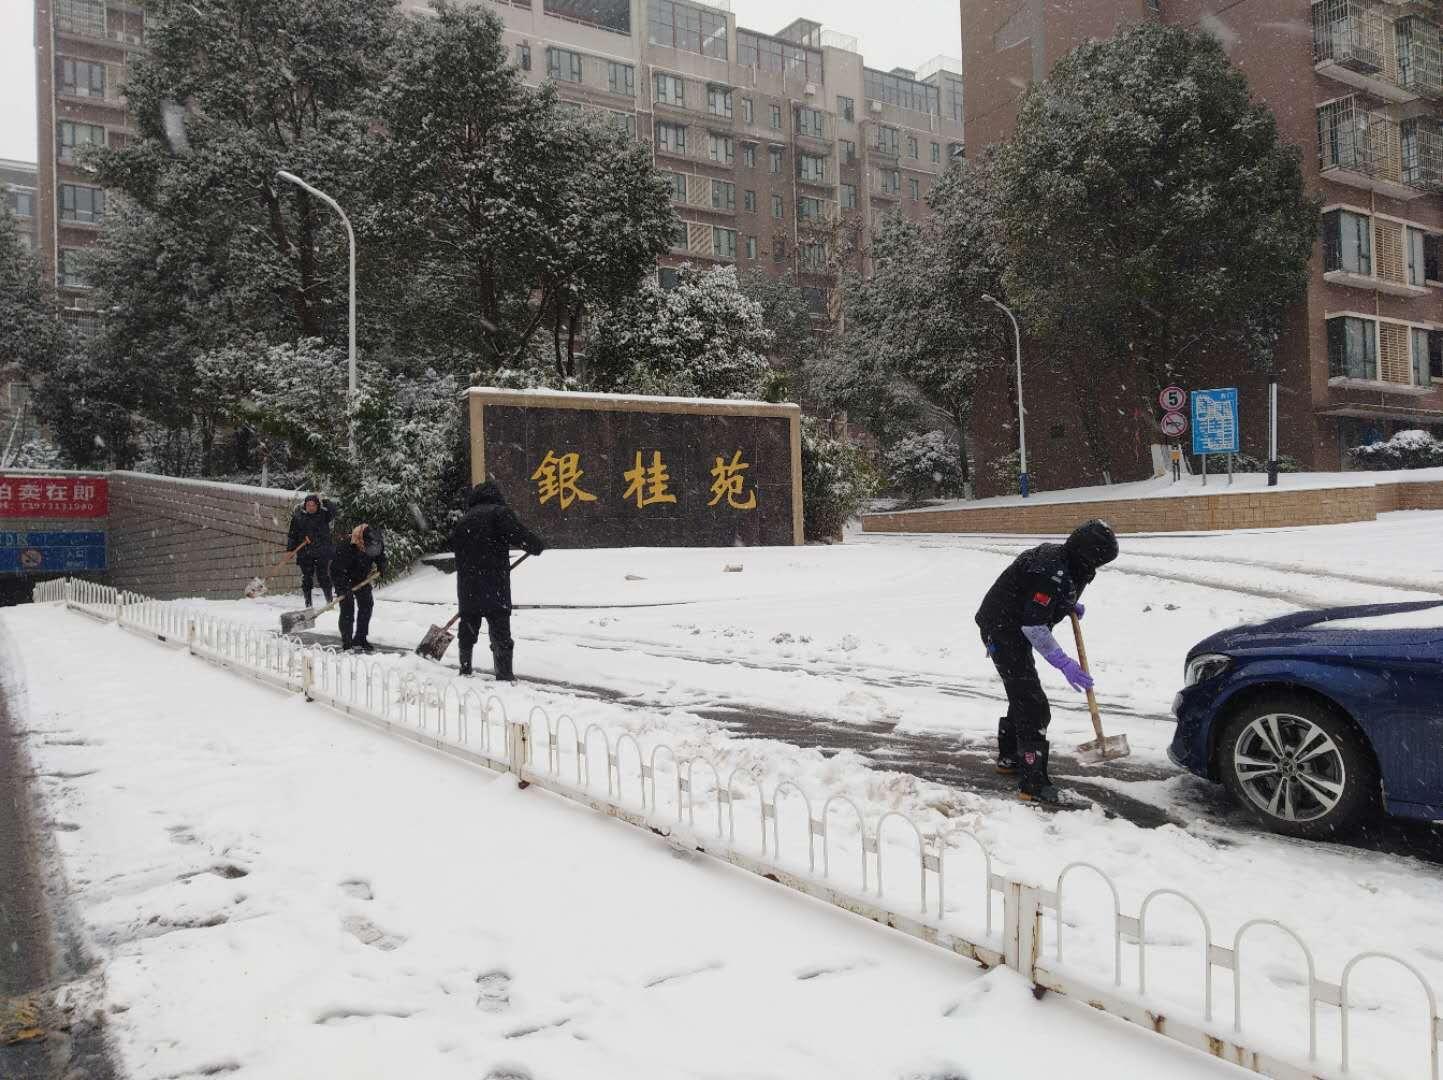 迎战冰雪丨银装素裹迎新年 党群齐心保安全